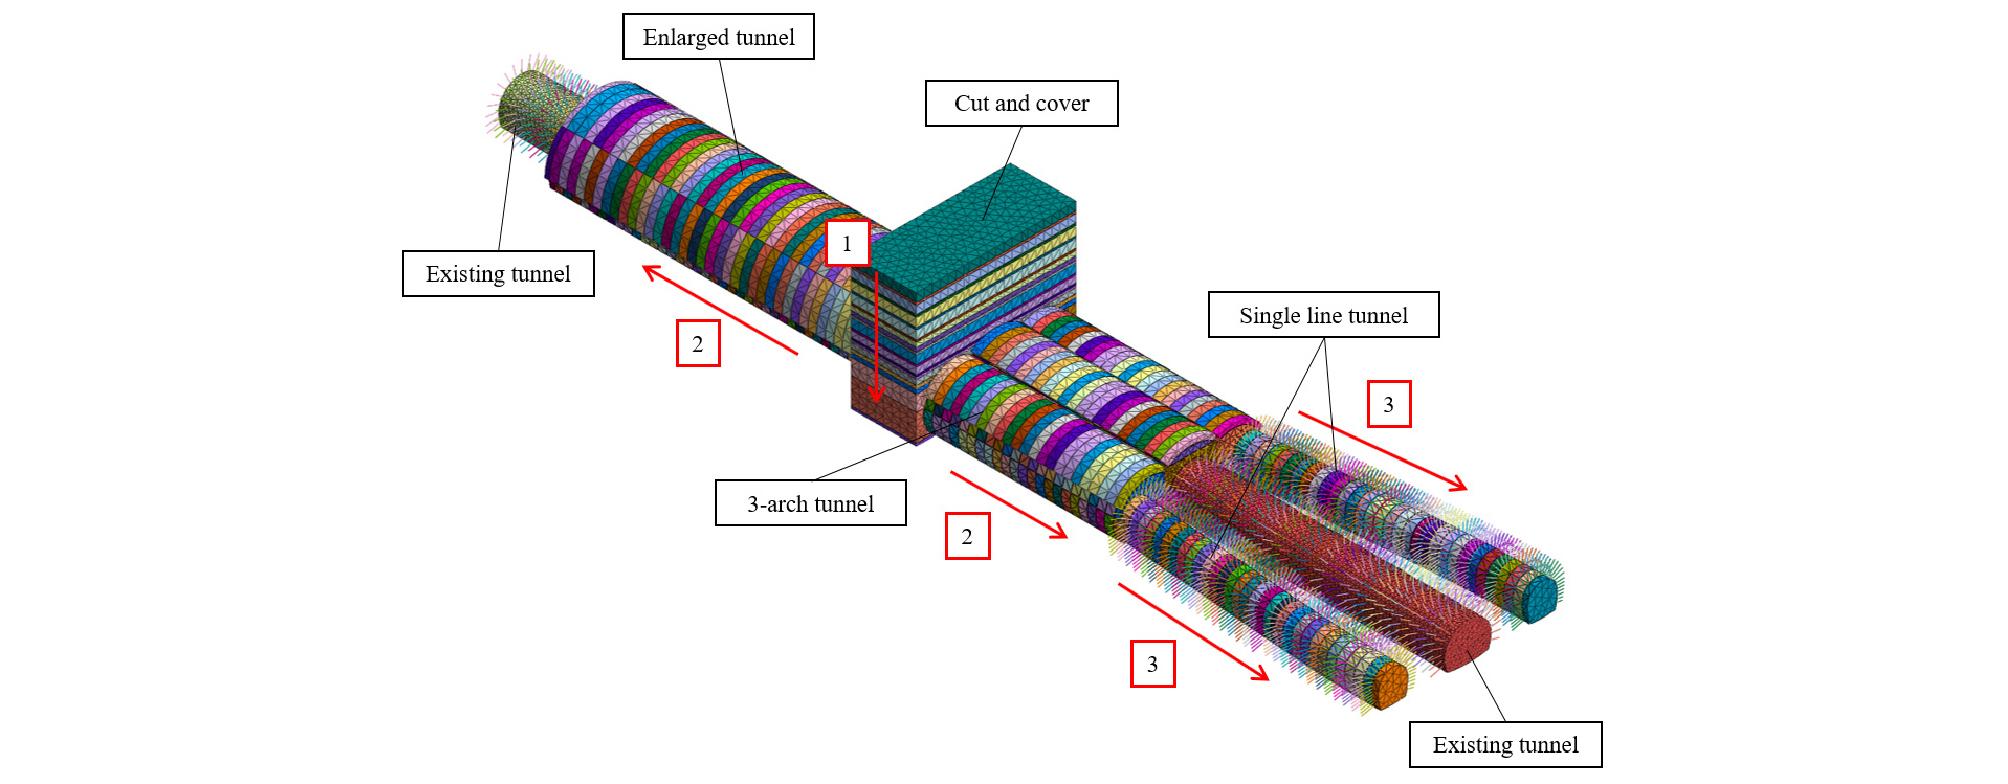 http://static.apub.kr/journalsite/sites/kta/2020-022-01/N0550220104/images/kta_22_01_04_F8.jpg